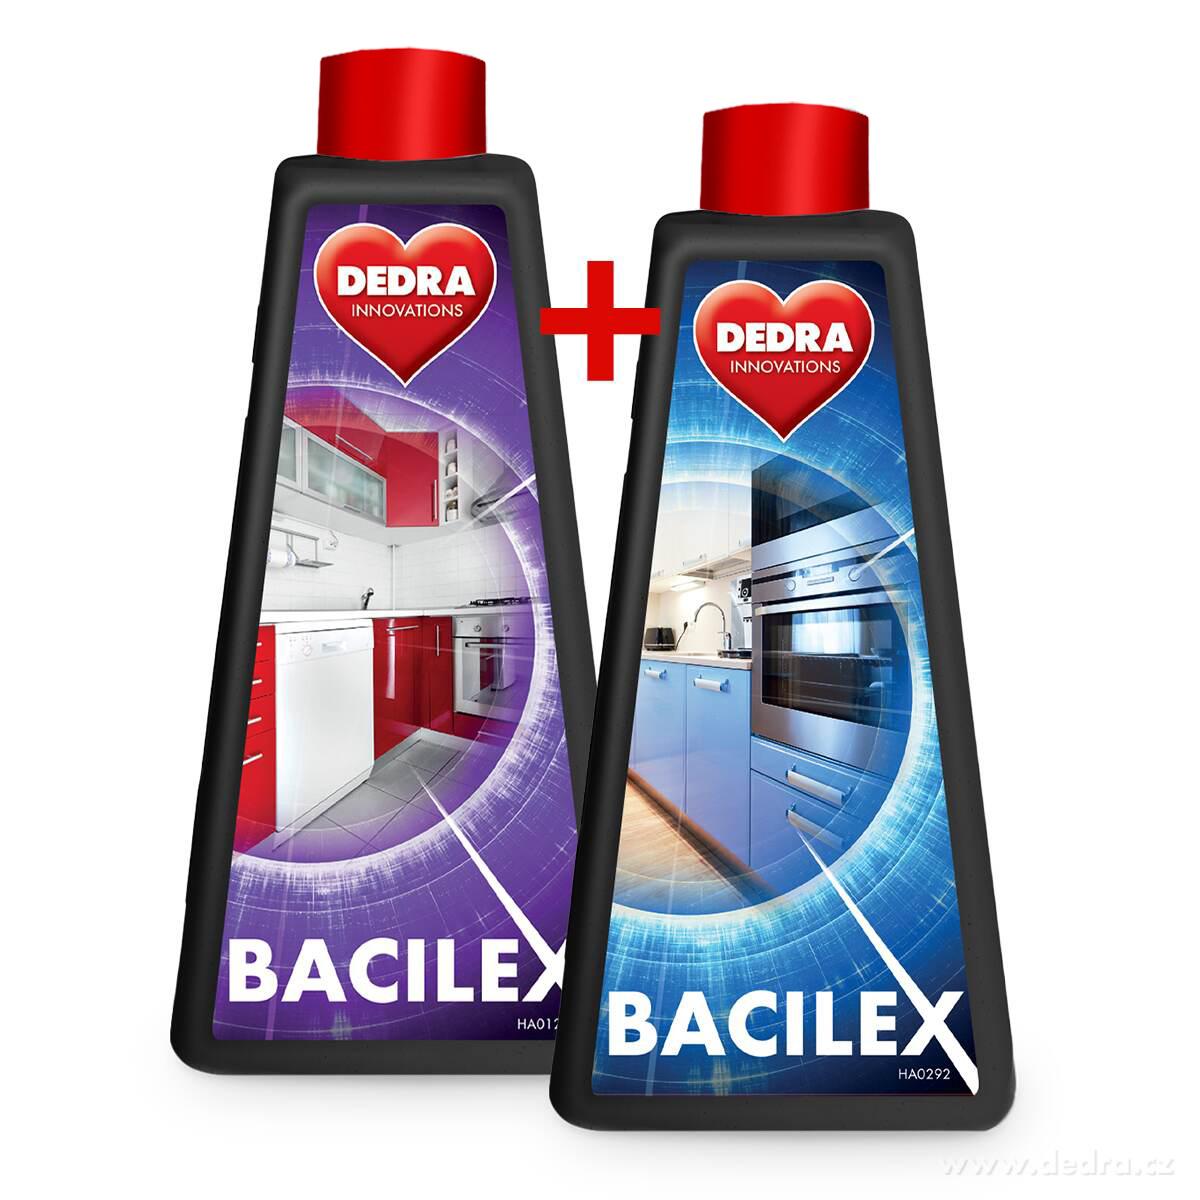 2 szt. BACILEX(R) z wysok± zawarto¶ci± alkoholu 70%, opakowania uzupe³niaj±ce, bez spryskiwacza 500 ml + 500 ml